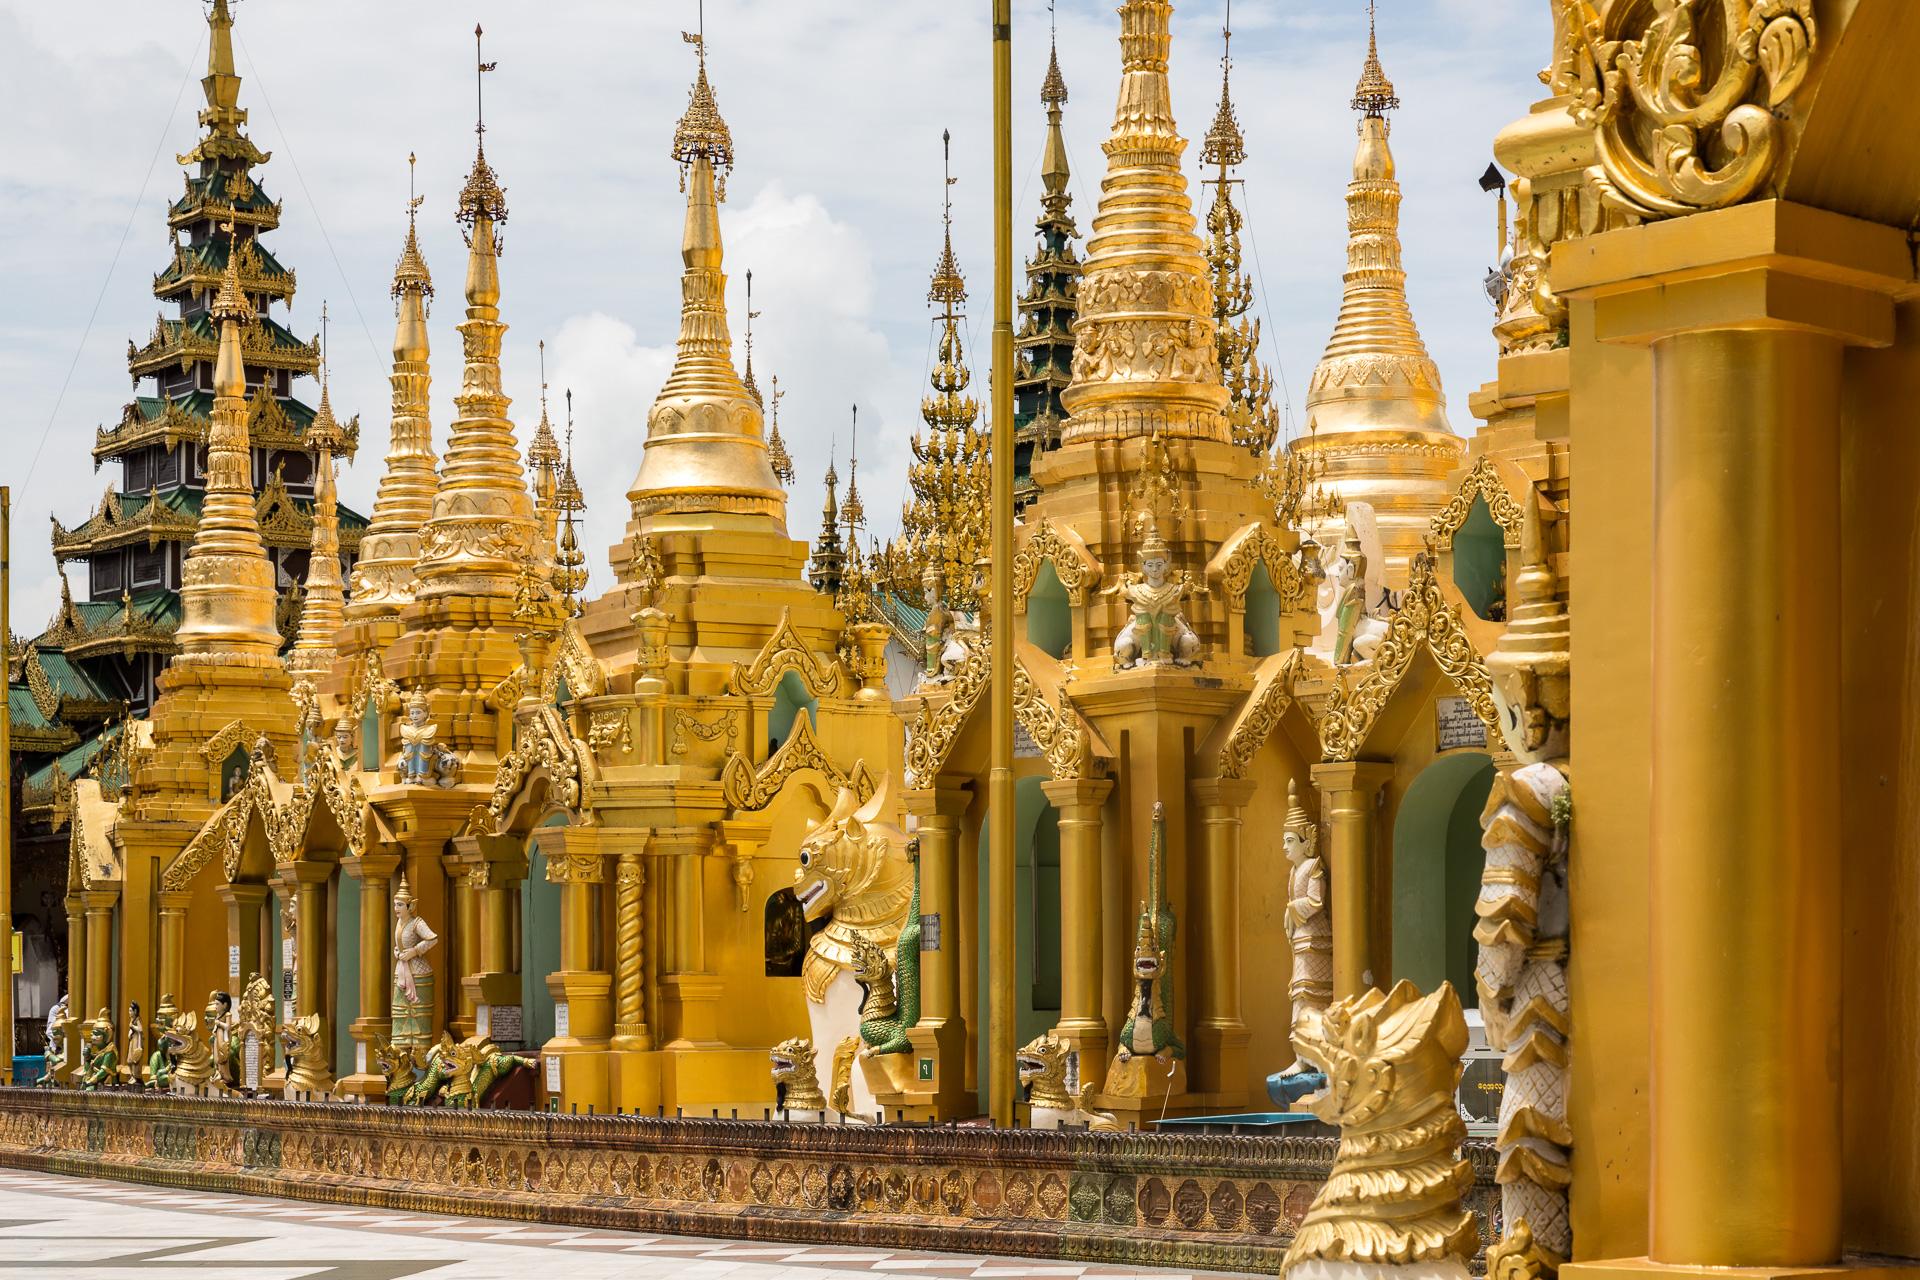 myanmar-reportage-wisckow-003.jpg